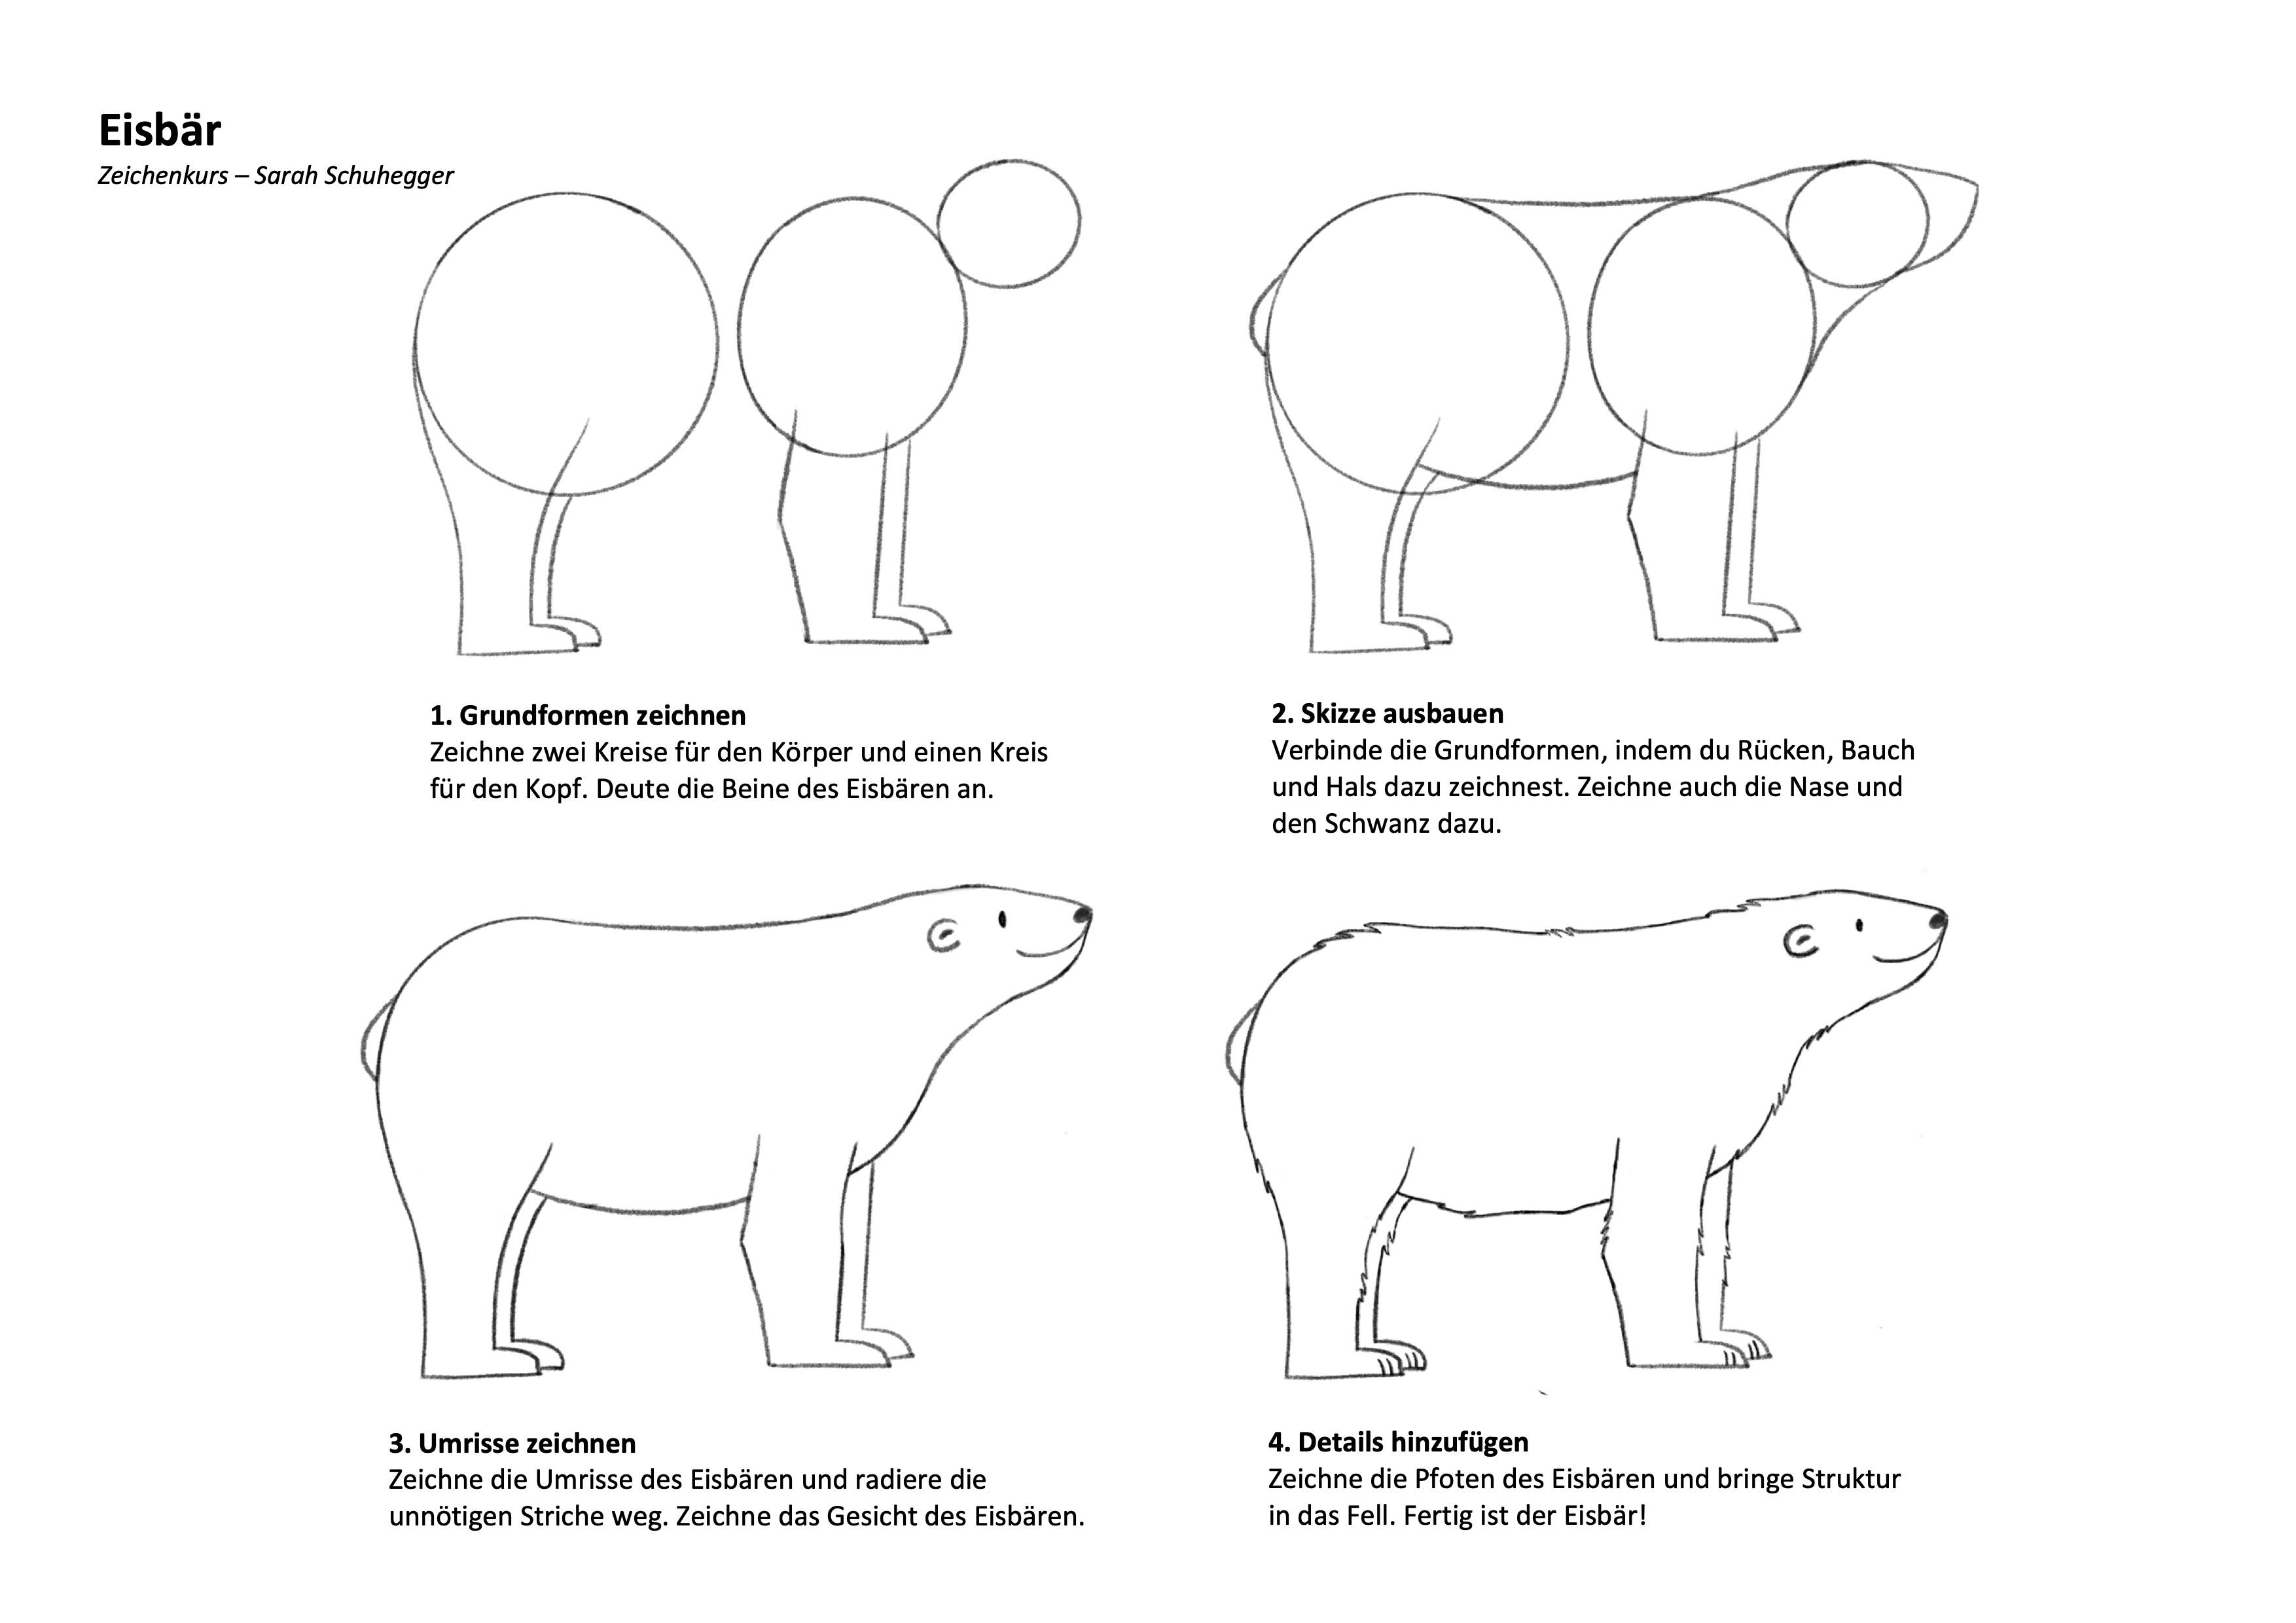 Eisbär Zeichenanleitung